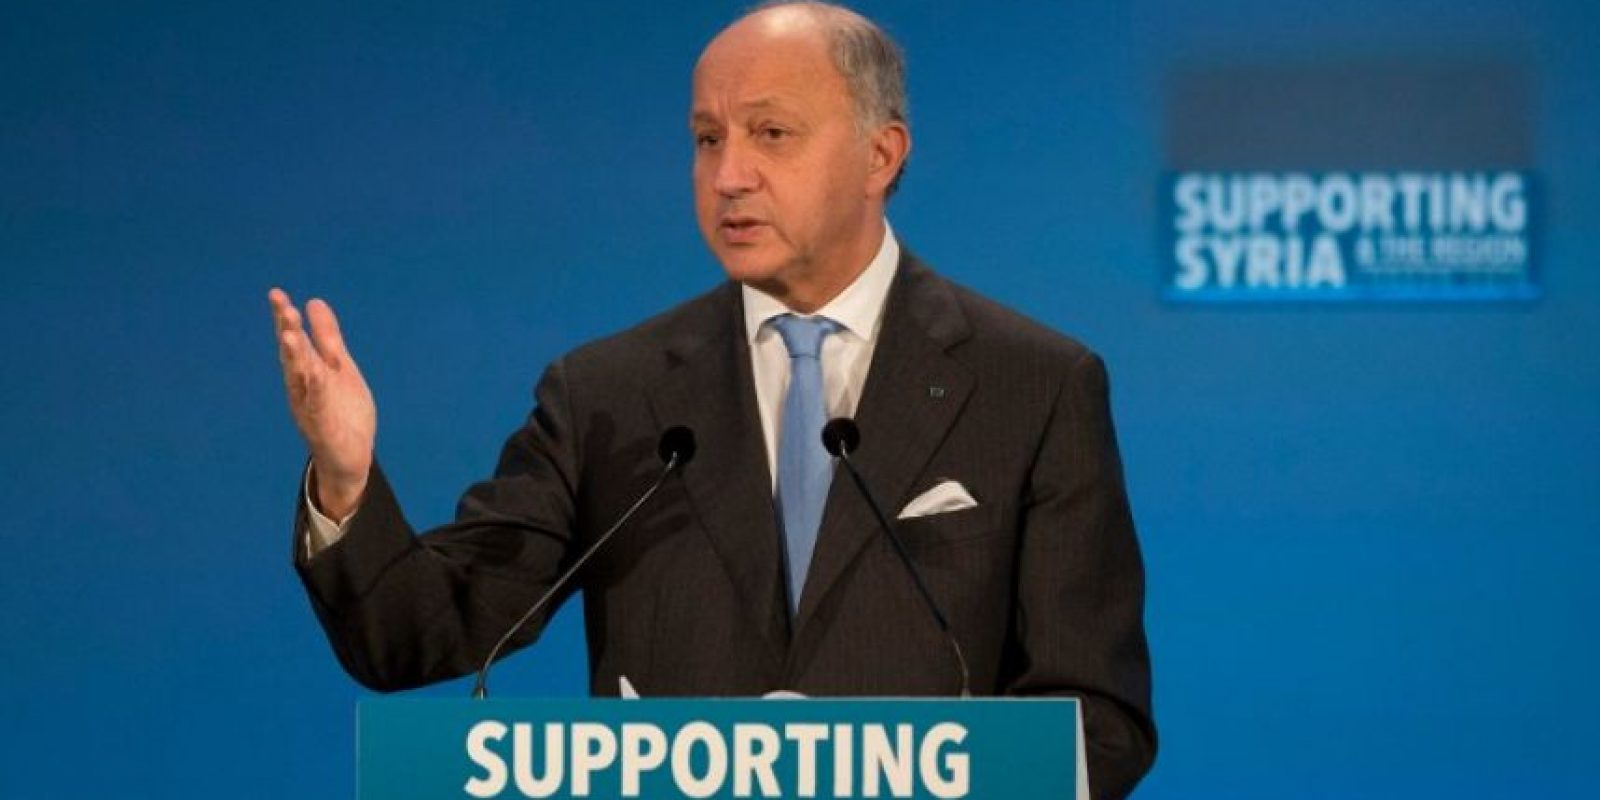 El ministro de Relaciones Exteriores de Francia, Laurent Fabius, durante un discurso sobre el apoyo a Siria. Foto:AFP